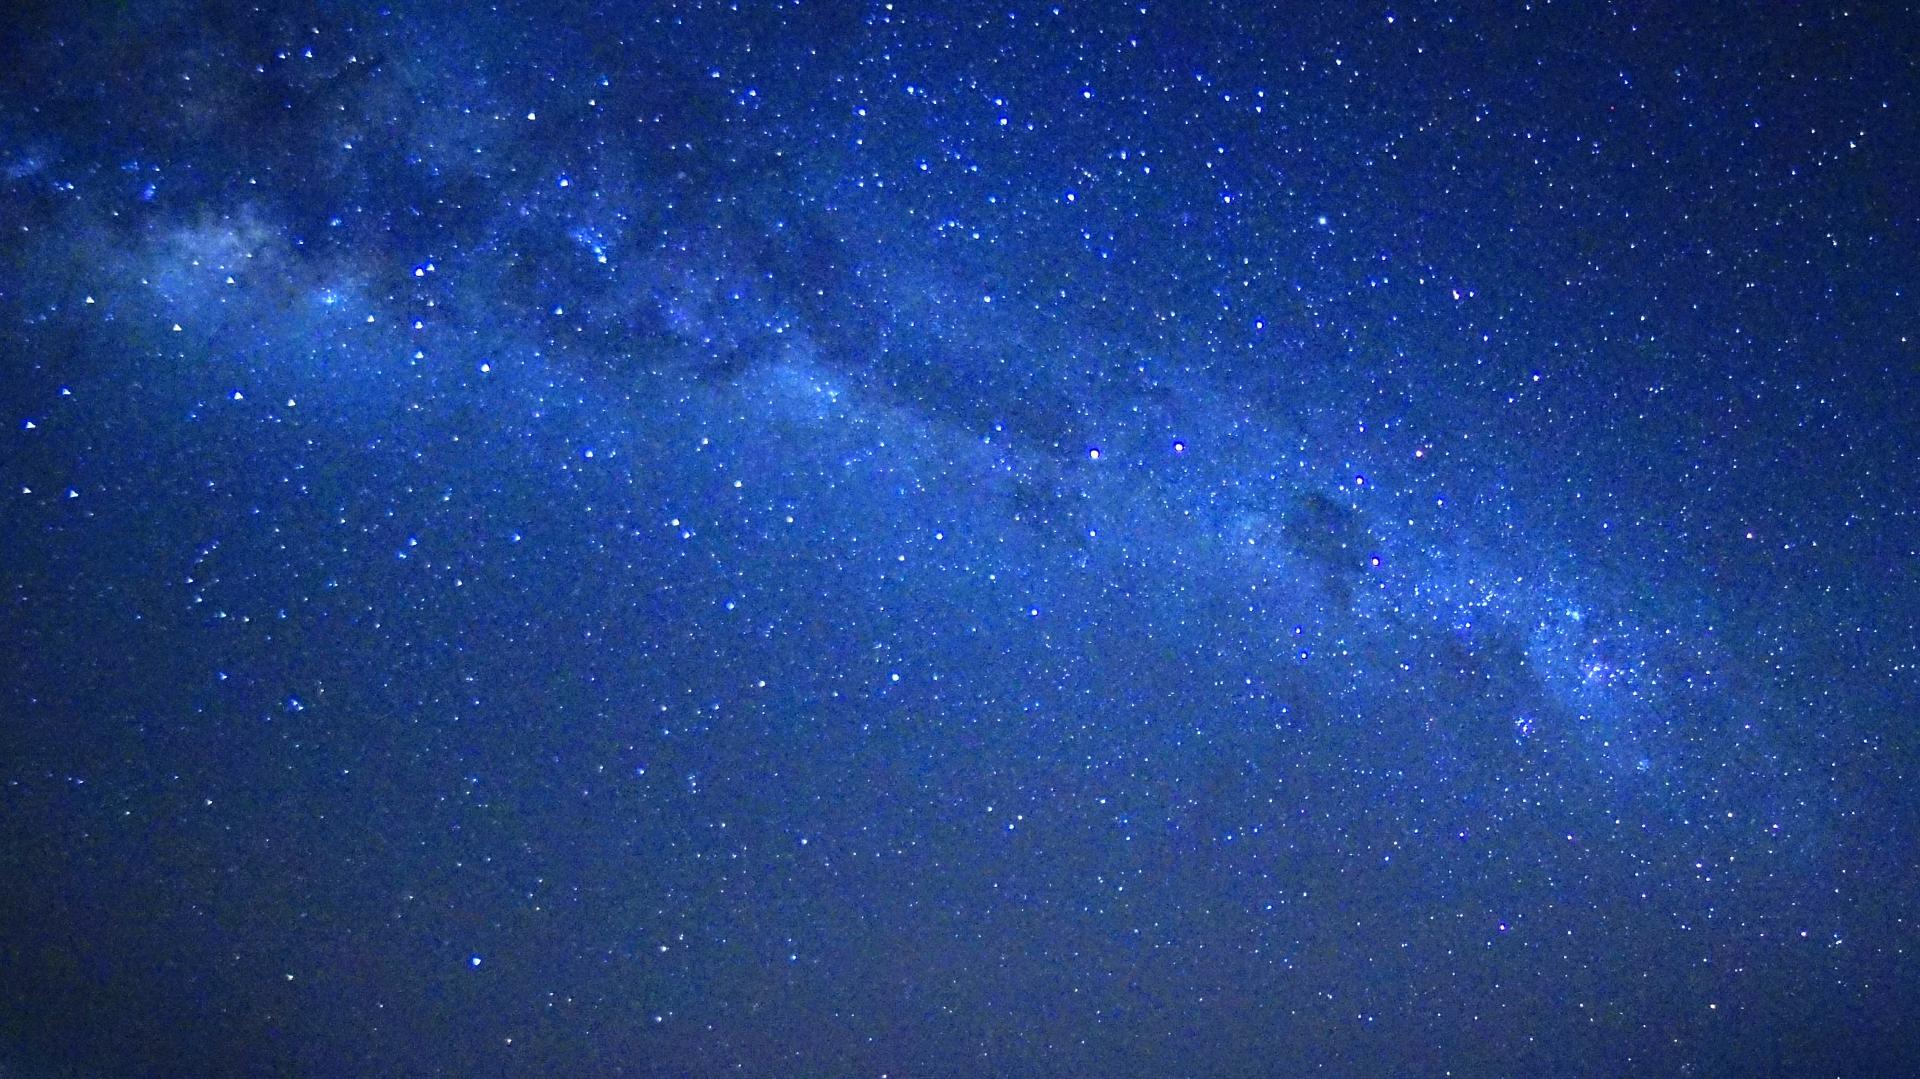 天の川 七夕 「天の川」の正体は?七夕よりよく見える「伝統的七夕」の日とは!?